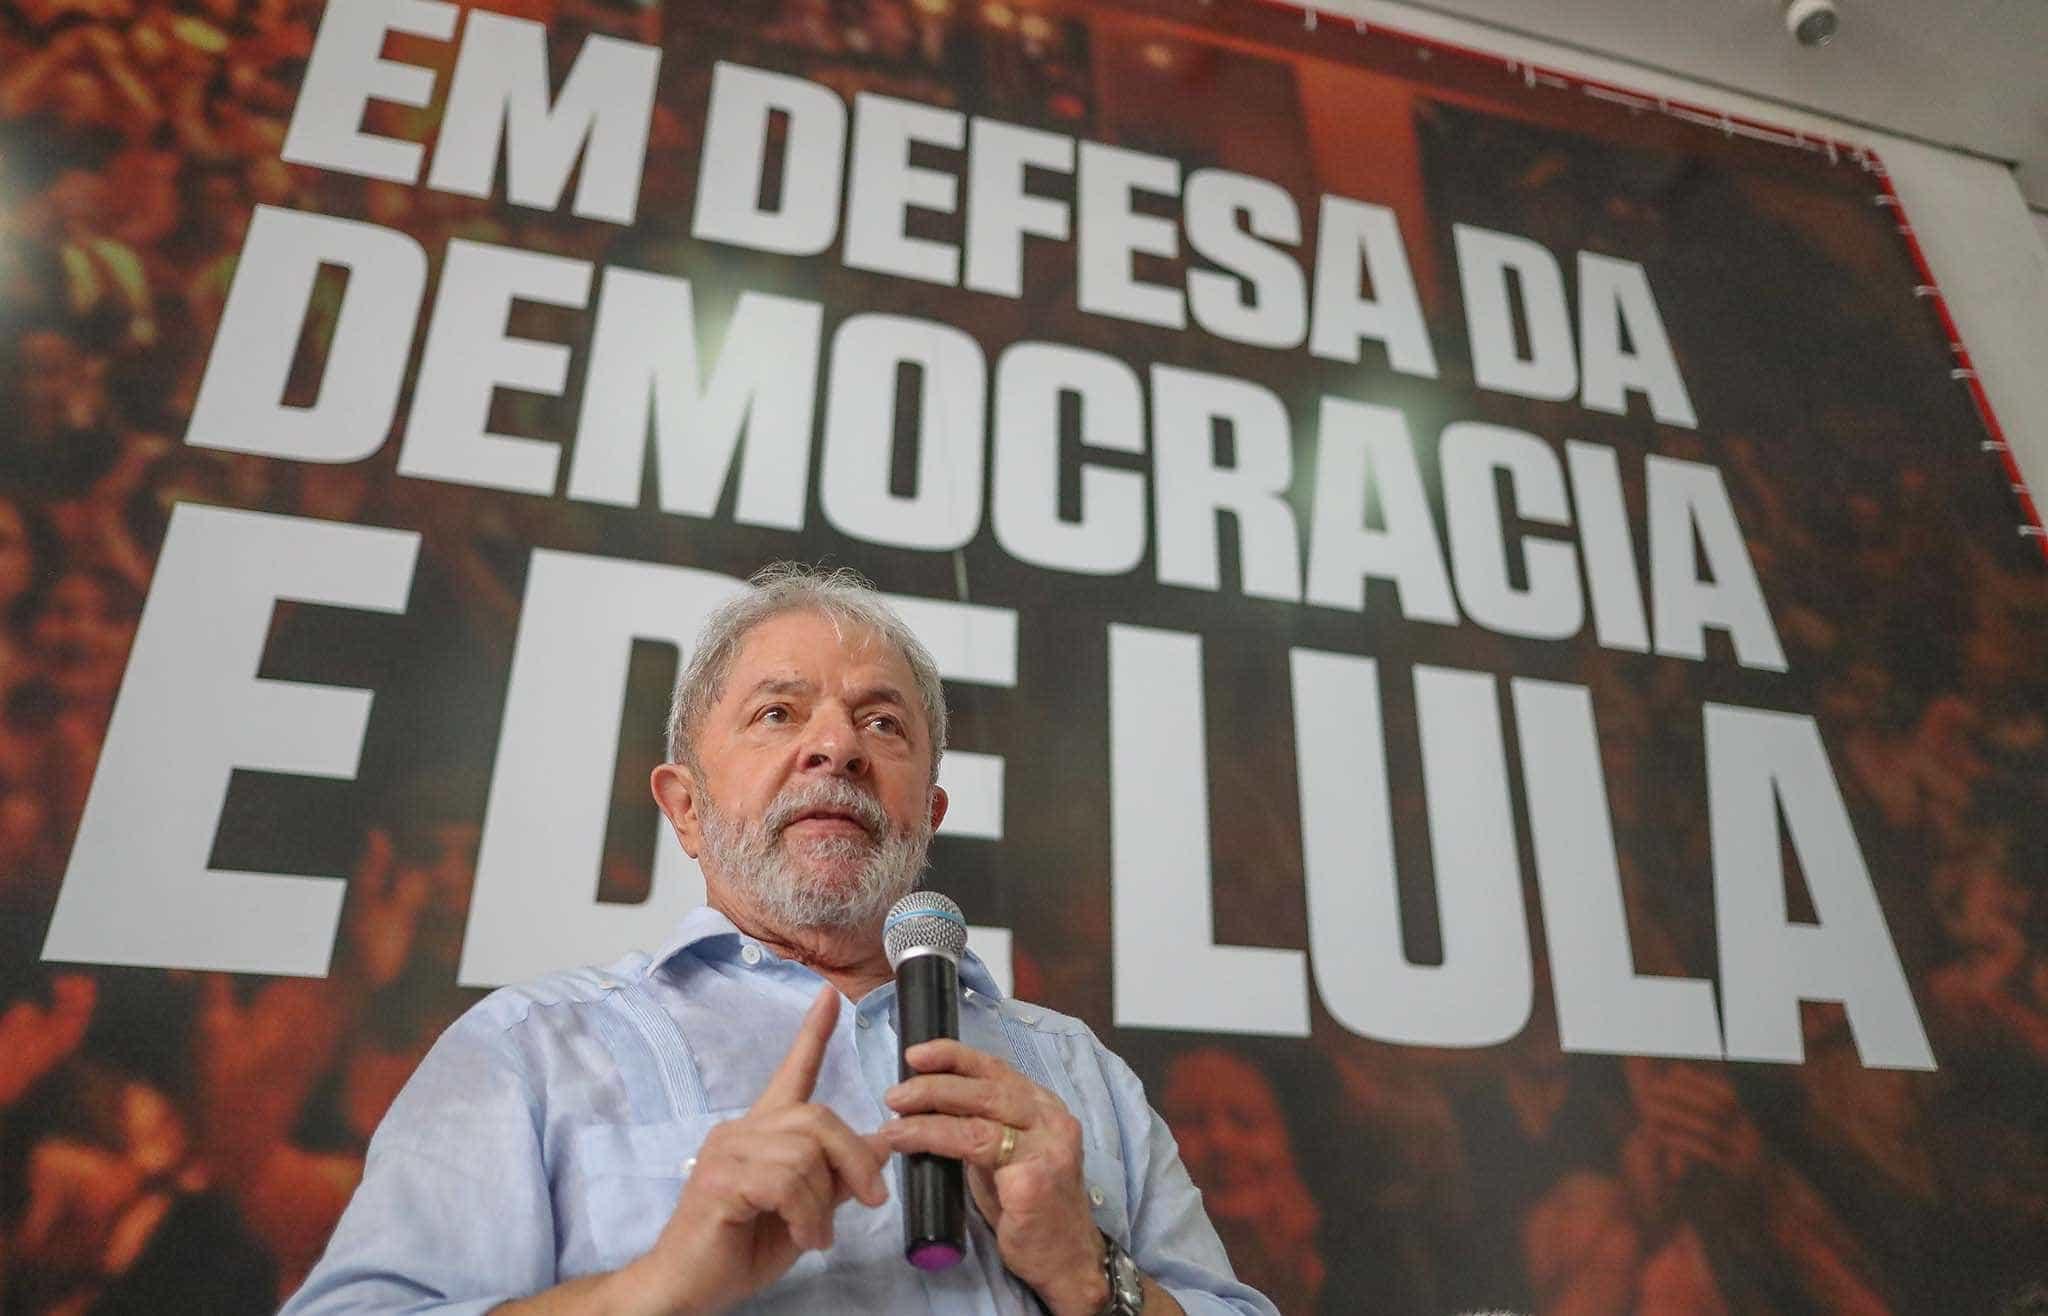 Defesa de Lula teme julgamento do caso triplex sem aviso prévio